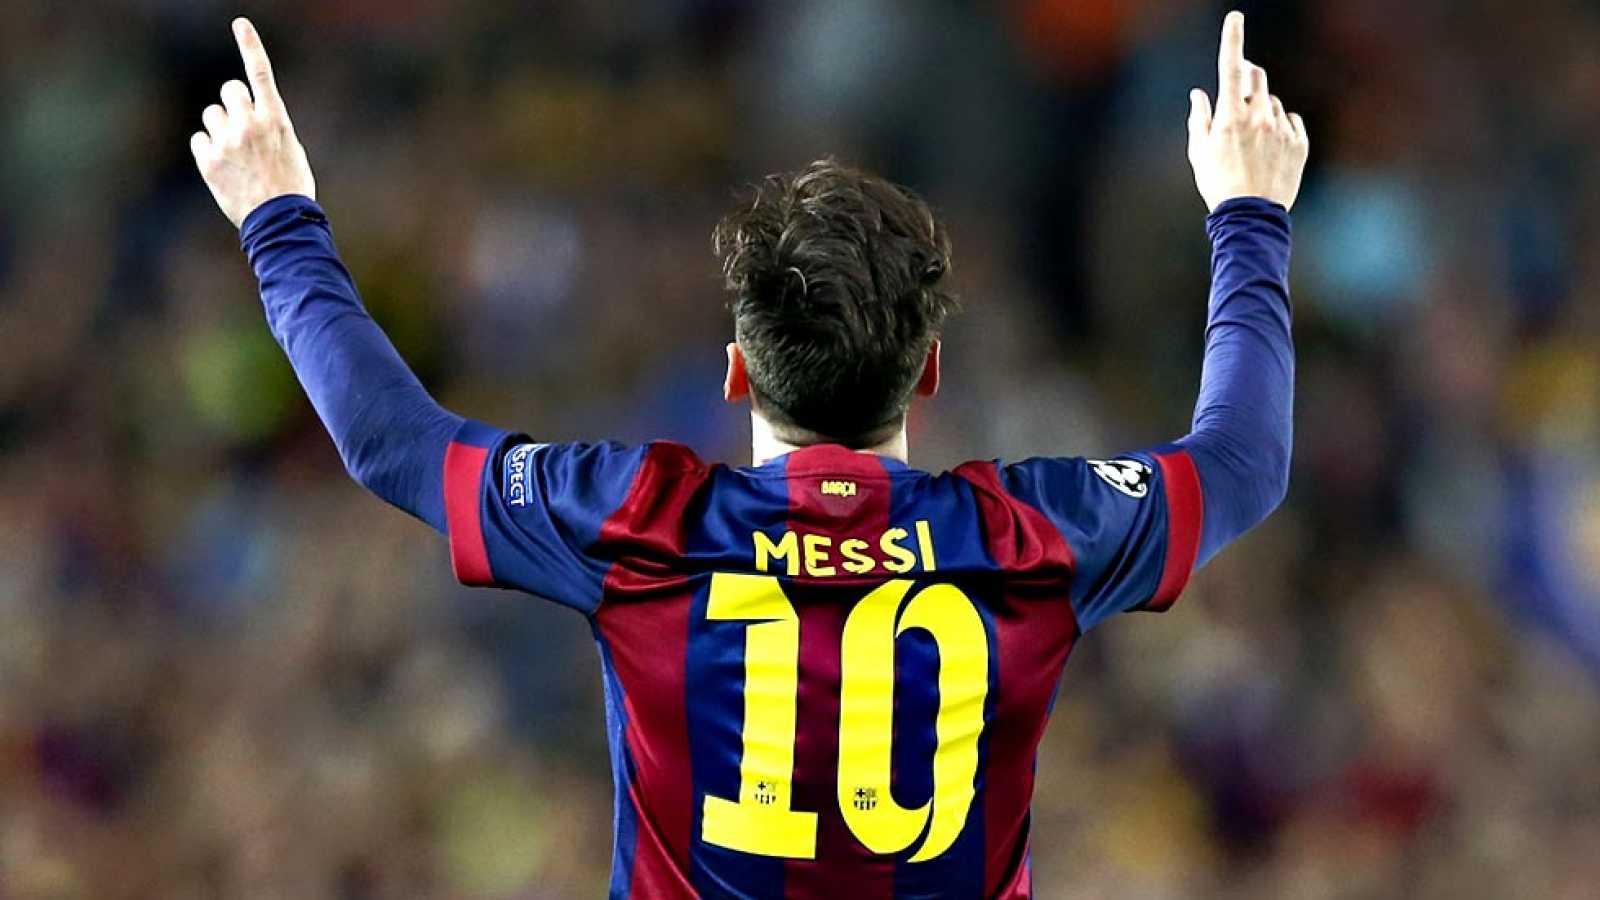 En el pasado fue el 'Dream Team' de Johan Cruyff y no hace tanto se hablaba del Barça de Pep Guardiola, pero ahora Leo Messi anda dispuesto a apropiarse del apellido de este Barça, que aspira por segunda vez en su historia al triplete.